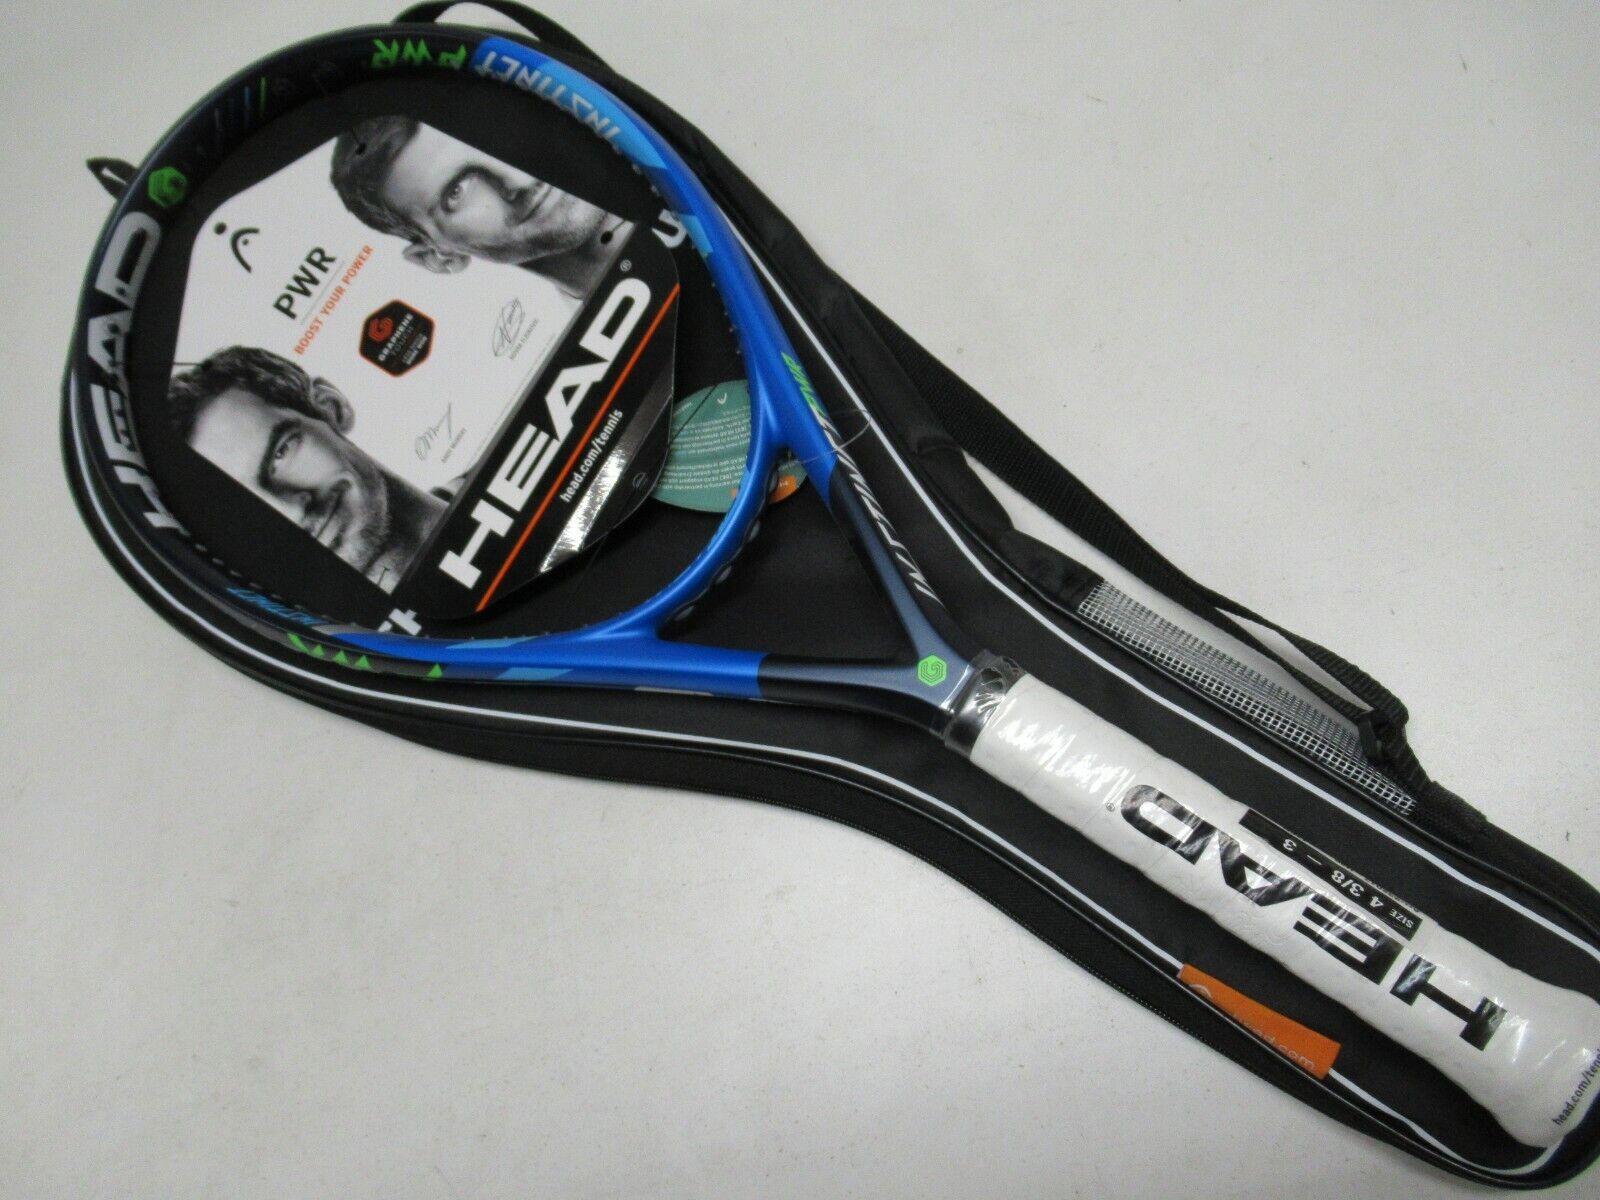 nuevo  Head Graphene Touch instinto   PWR  tenis raqueta (4 3 8)  comprar ahora